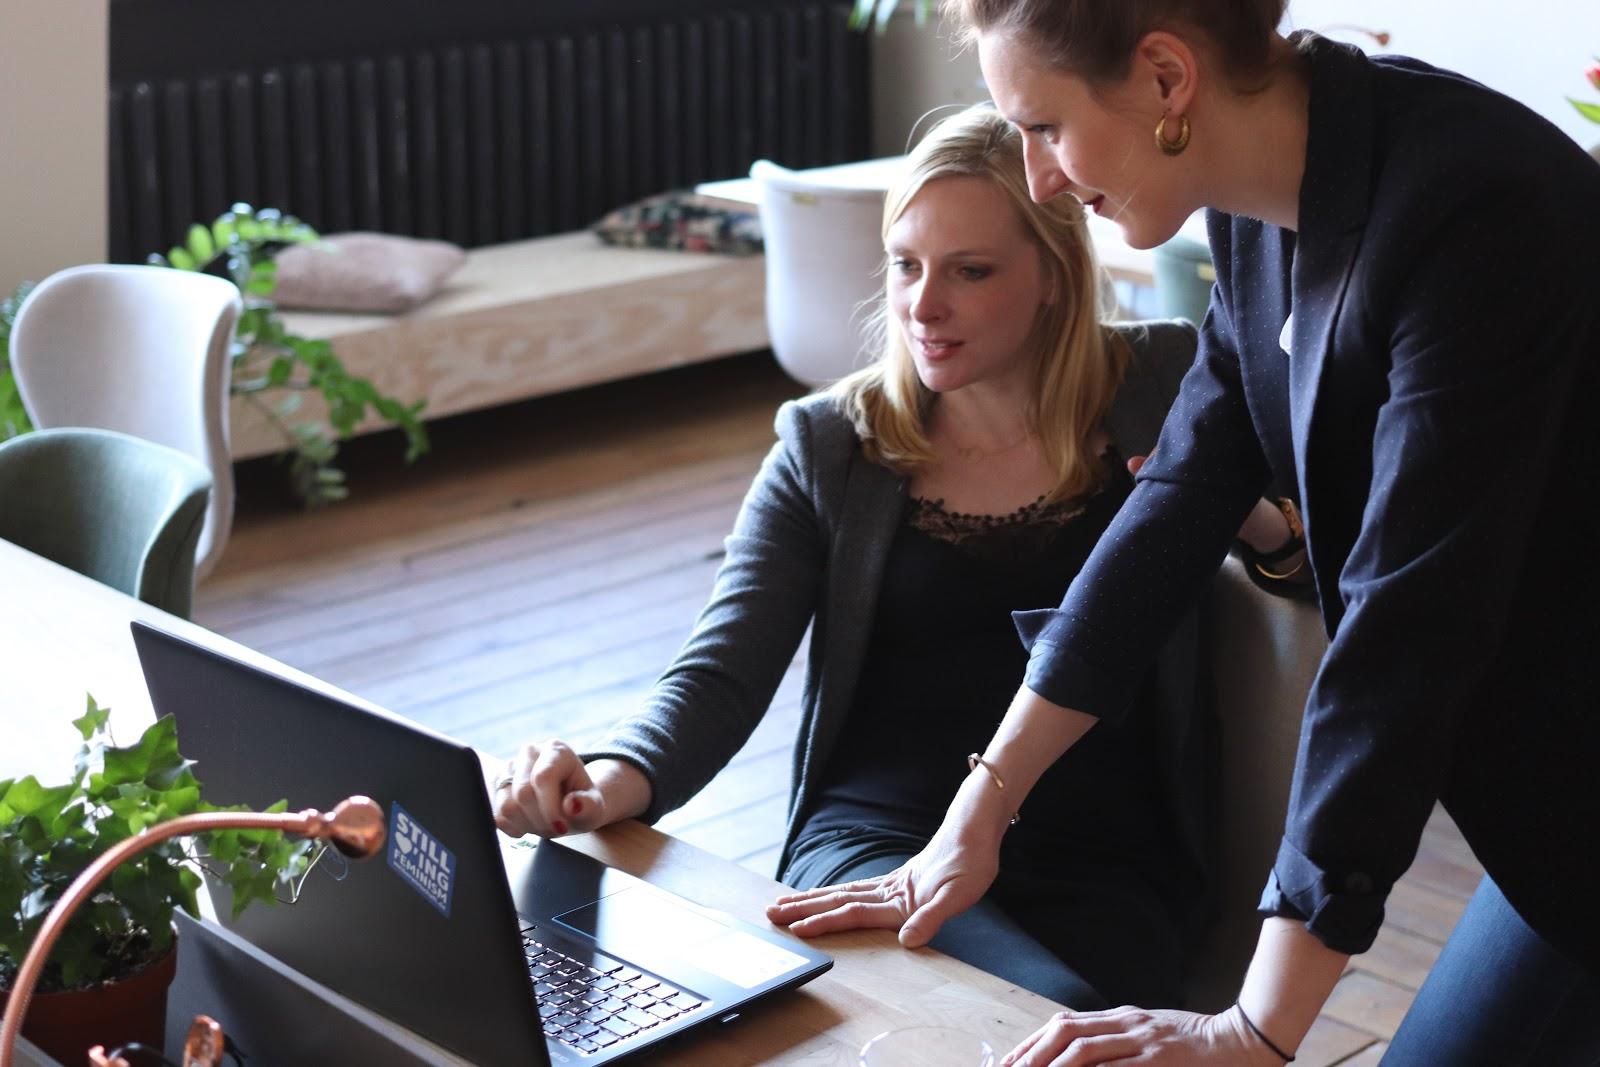 Uma mulher mostrando algo no computador para outra mulher.